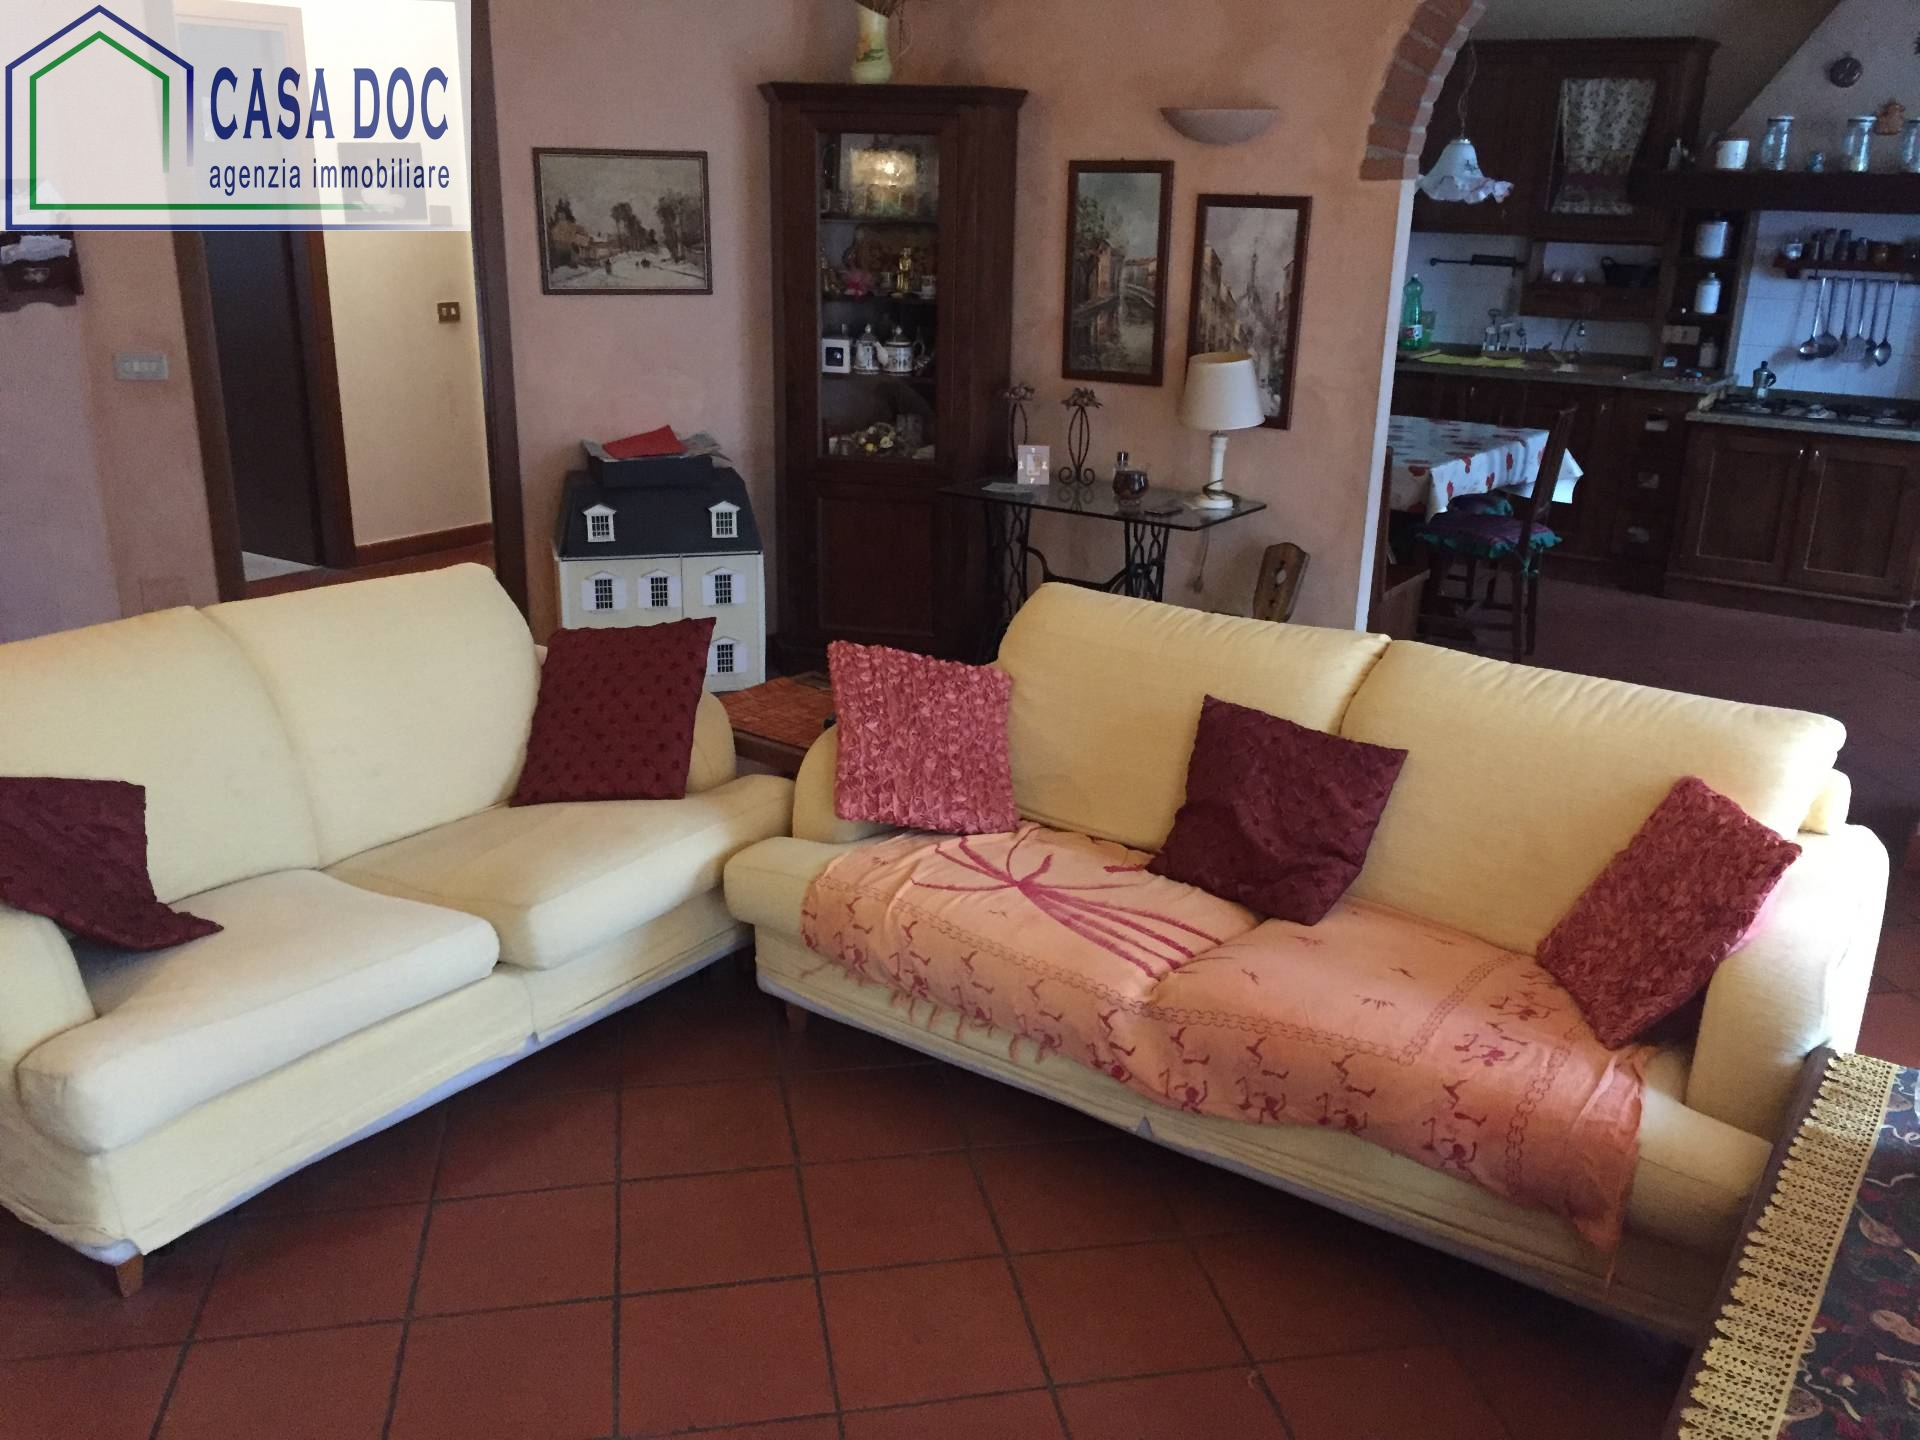 Appartamento in vendita a Bornasco, 3 locali, prezzo € 165.000 | Cambio Casa.it